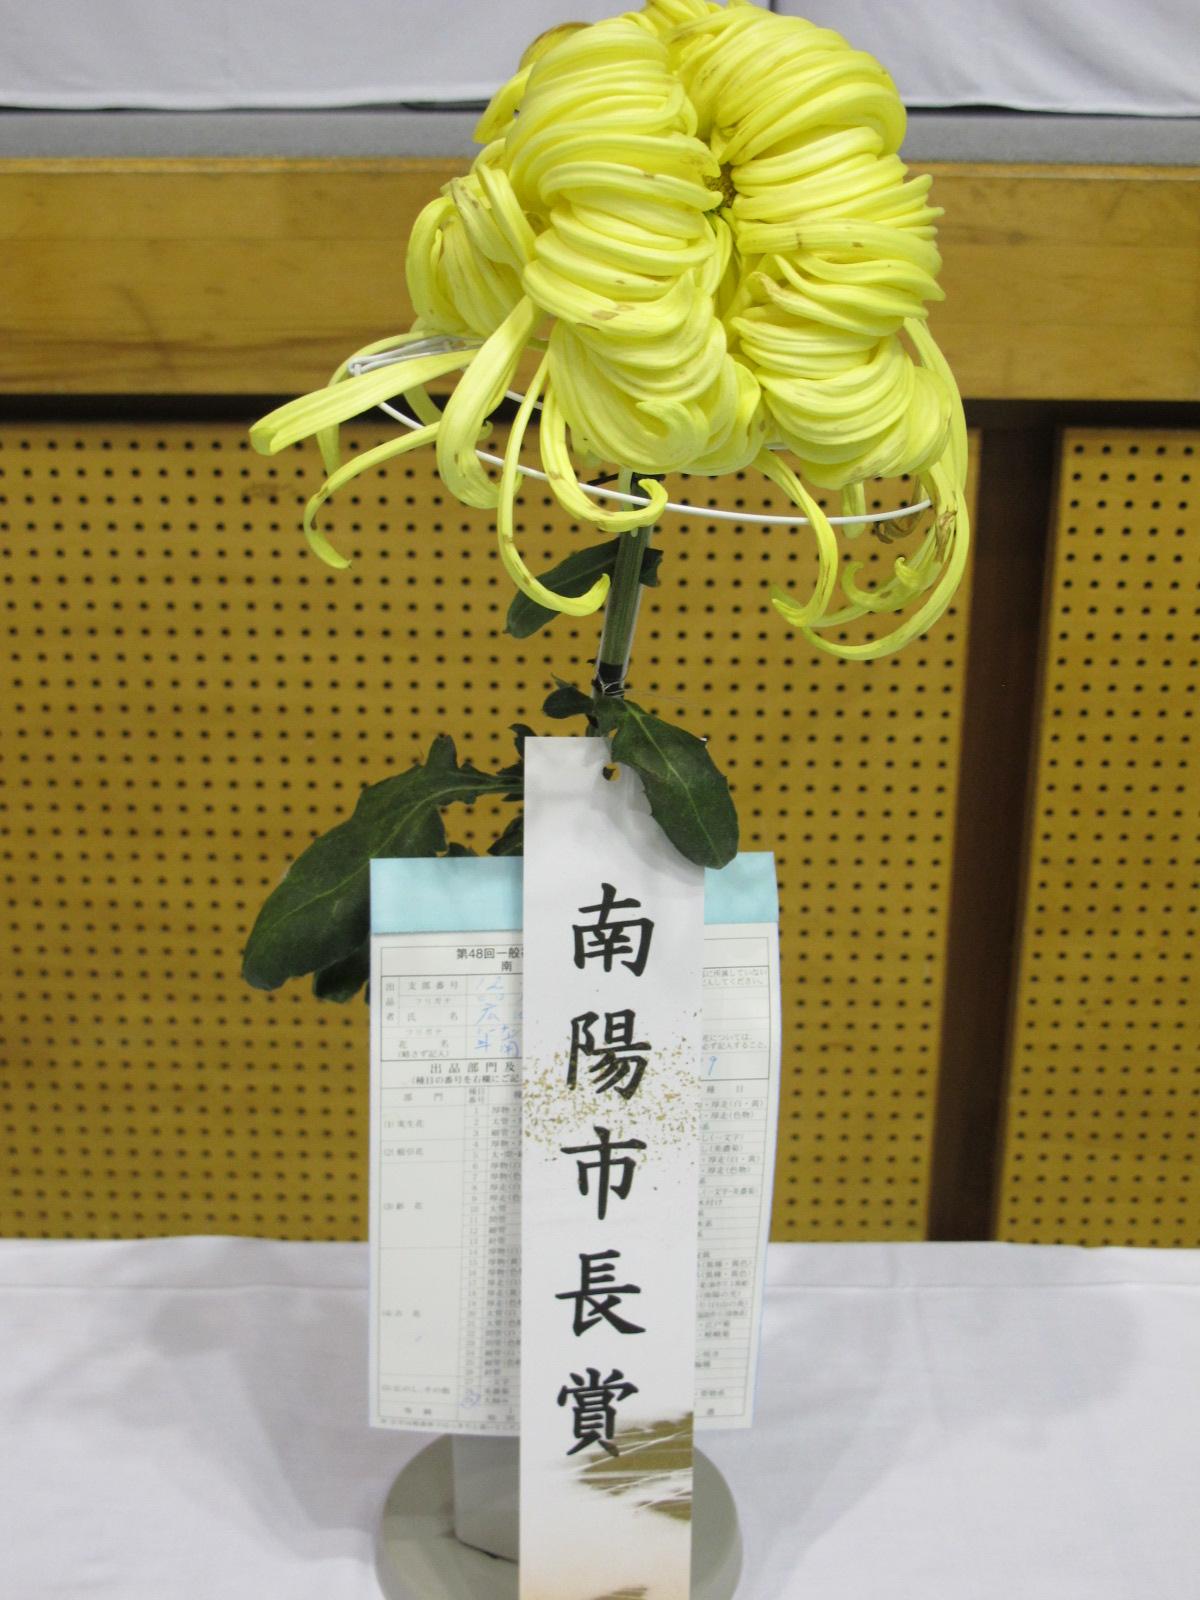 第100回 南陽の菊まつり展(11)_c0075701_20142515.jpg